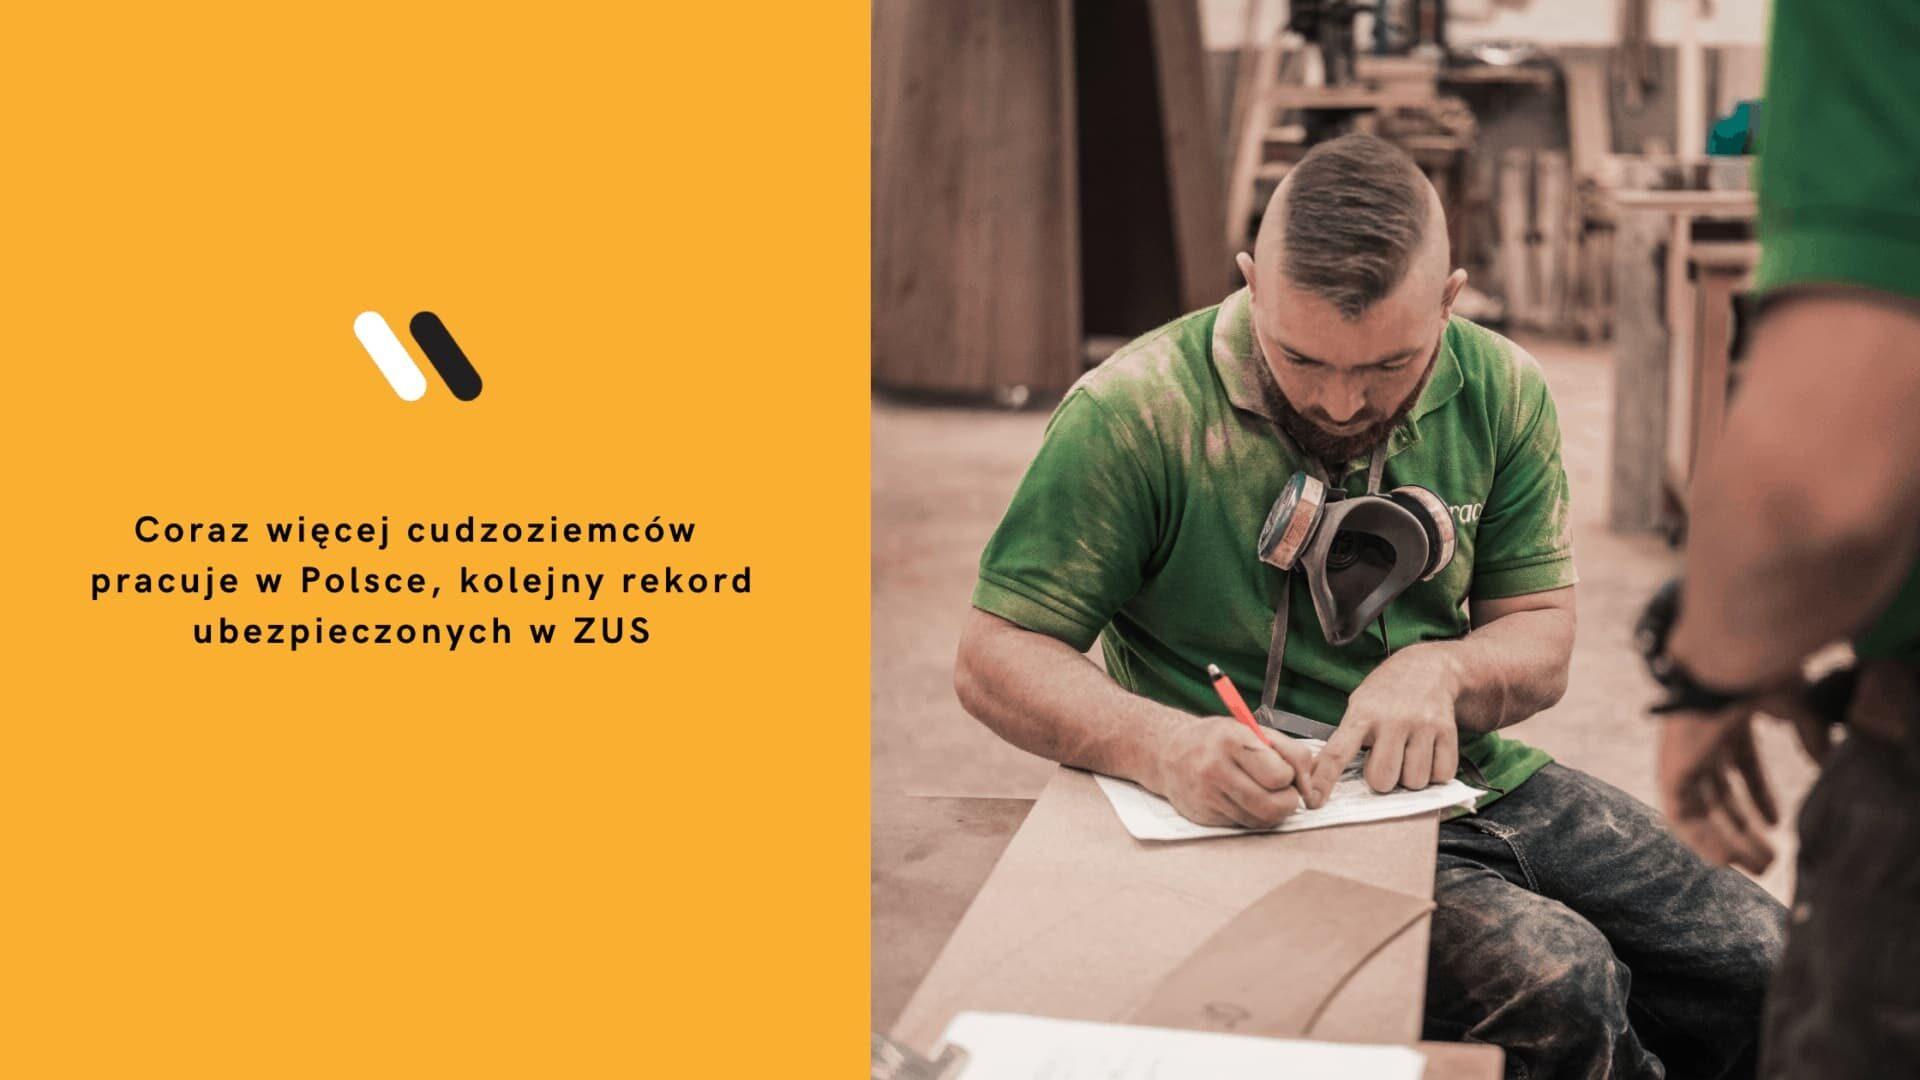 Coraz więcej cudzoziemców pracuje w Polsce, kolejny rekord ubezpieczonych w ZUS